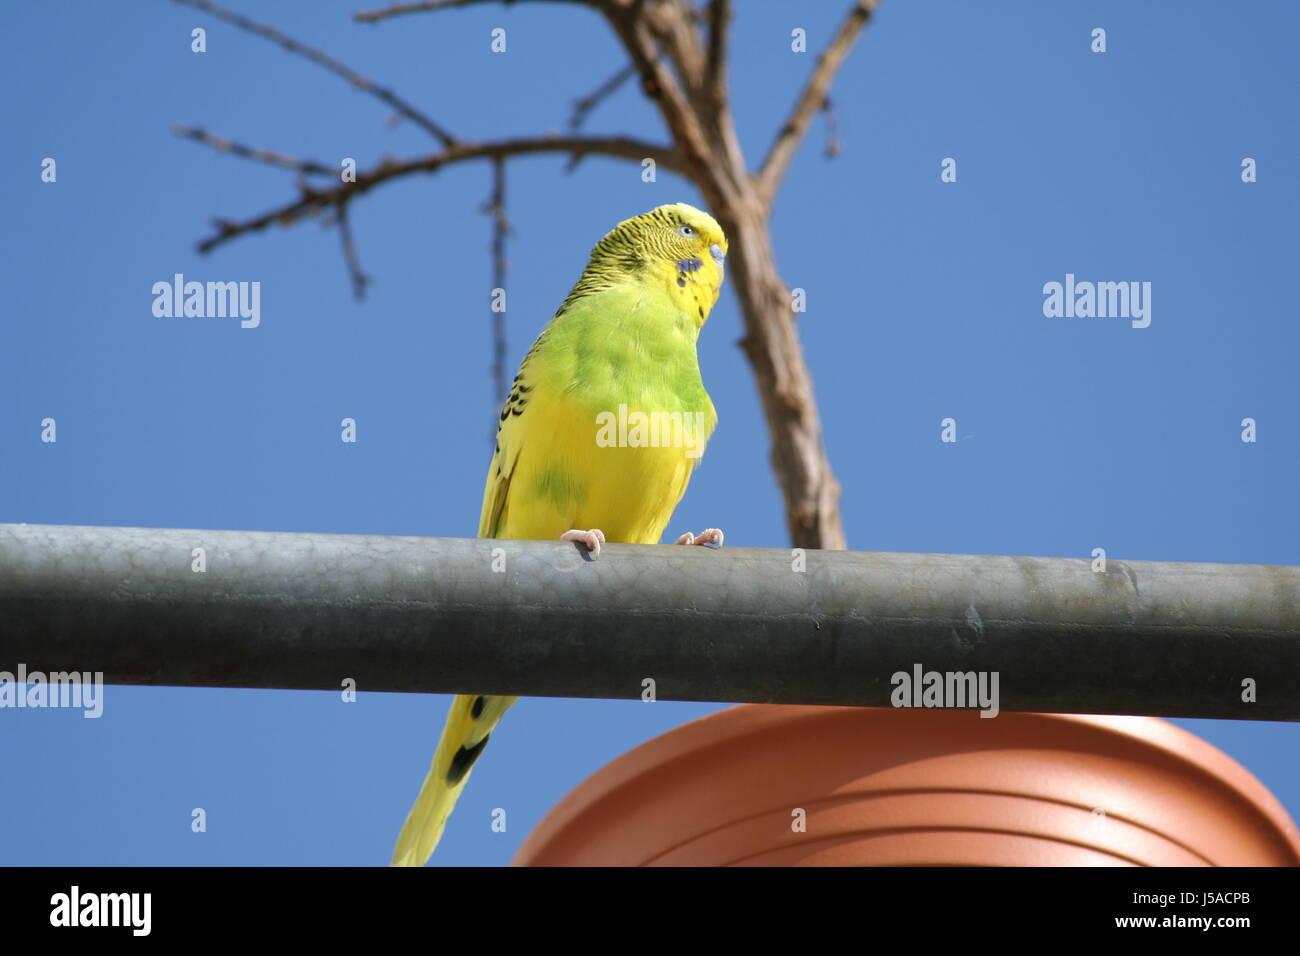 Nett Regenschirm Vogel Färbung Seite Zeitgenössisch - Framing ...